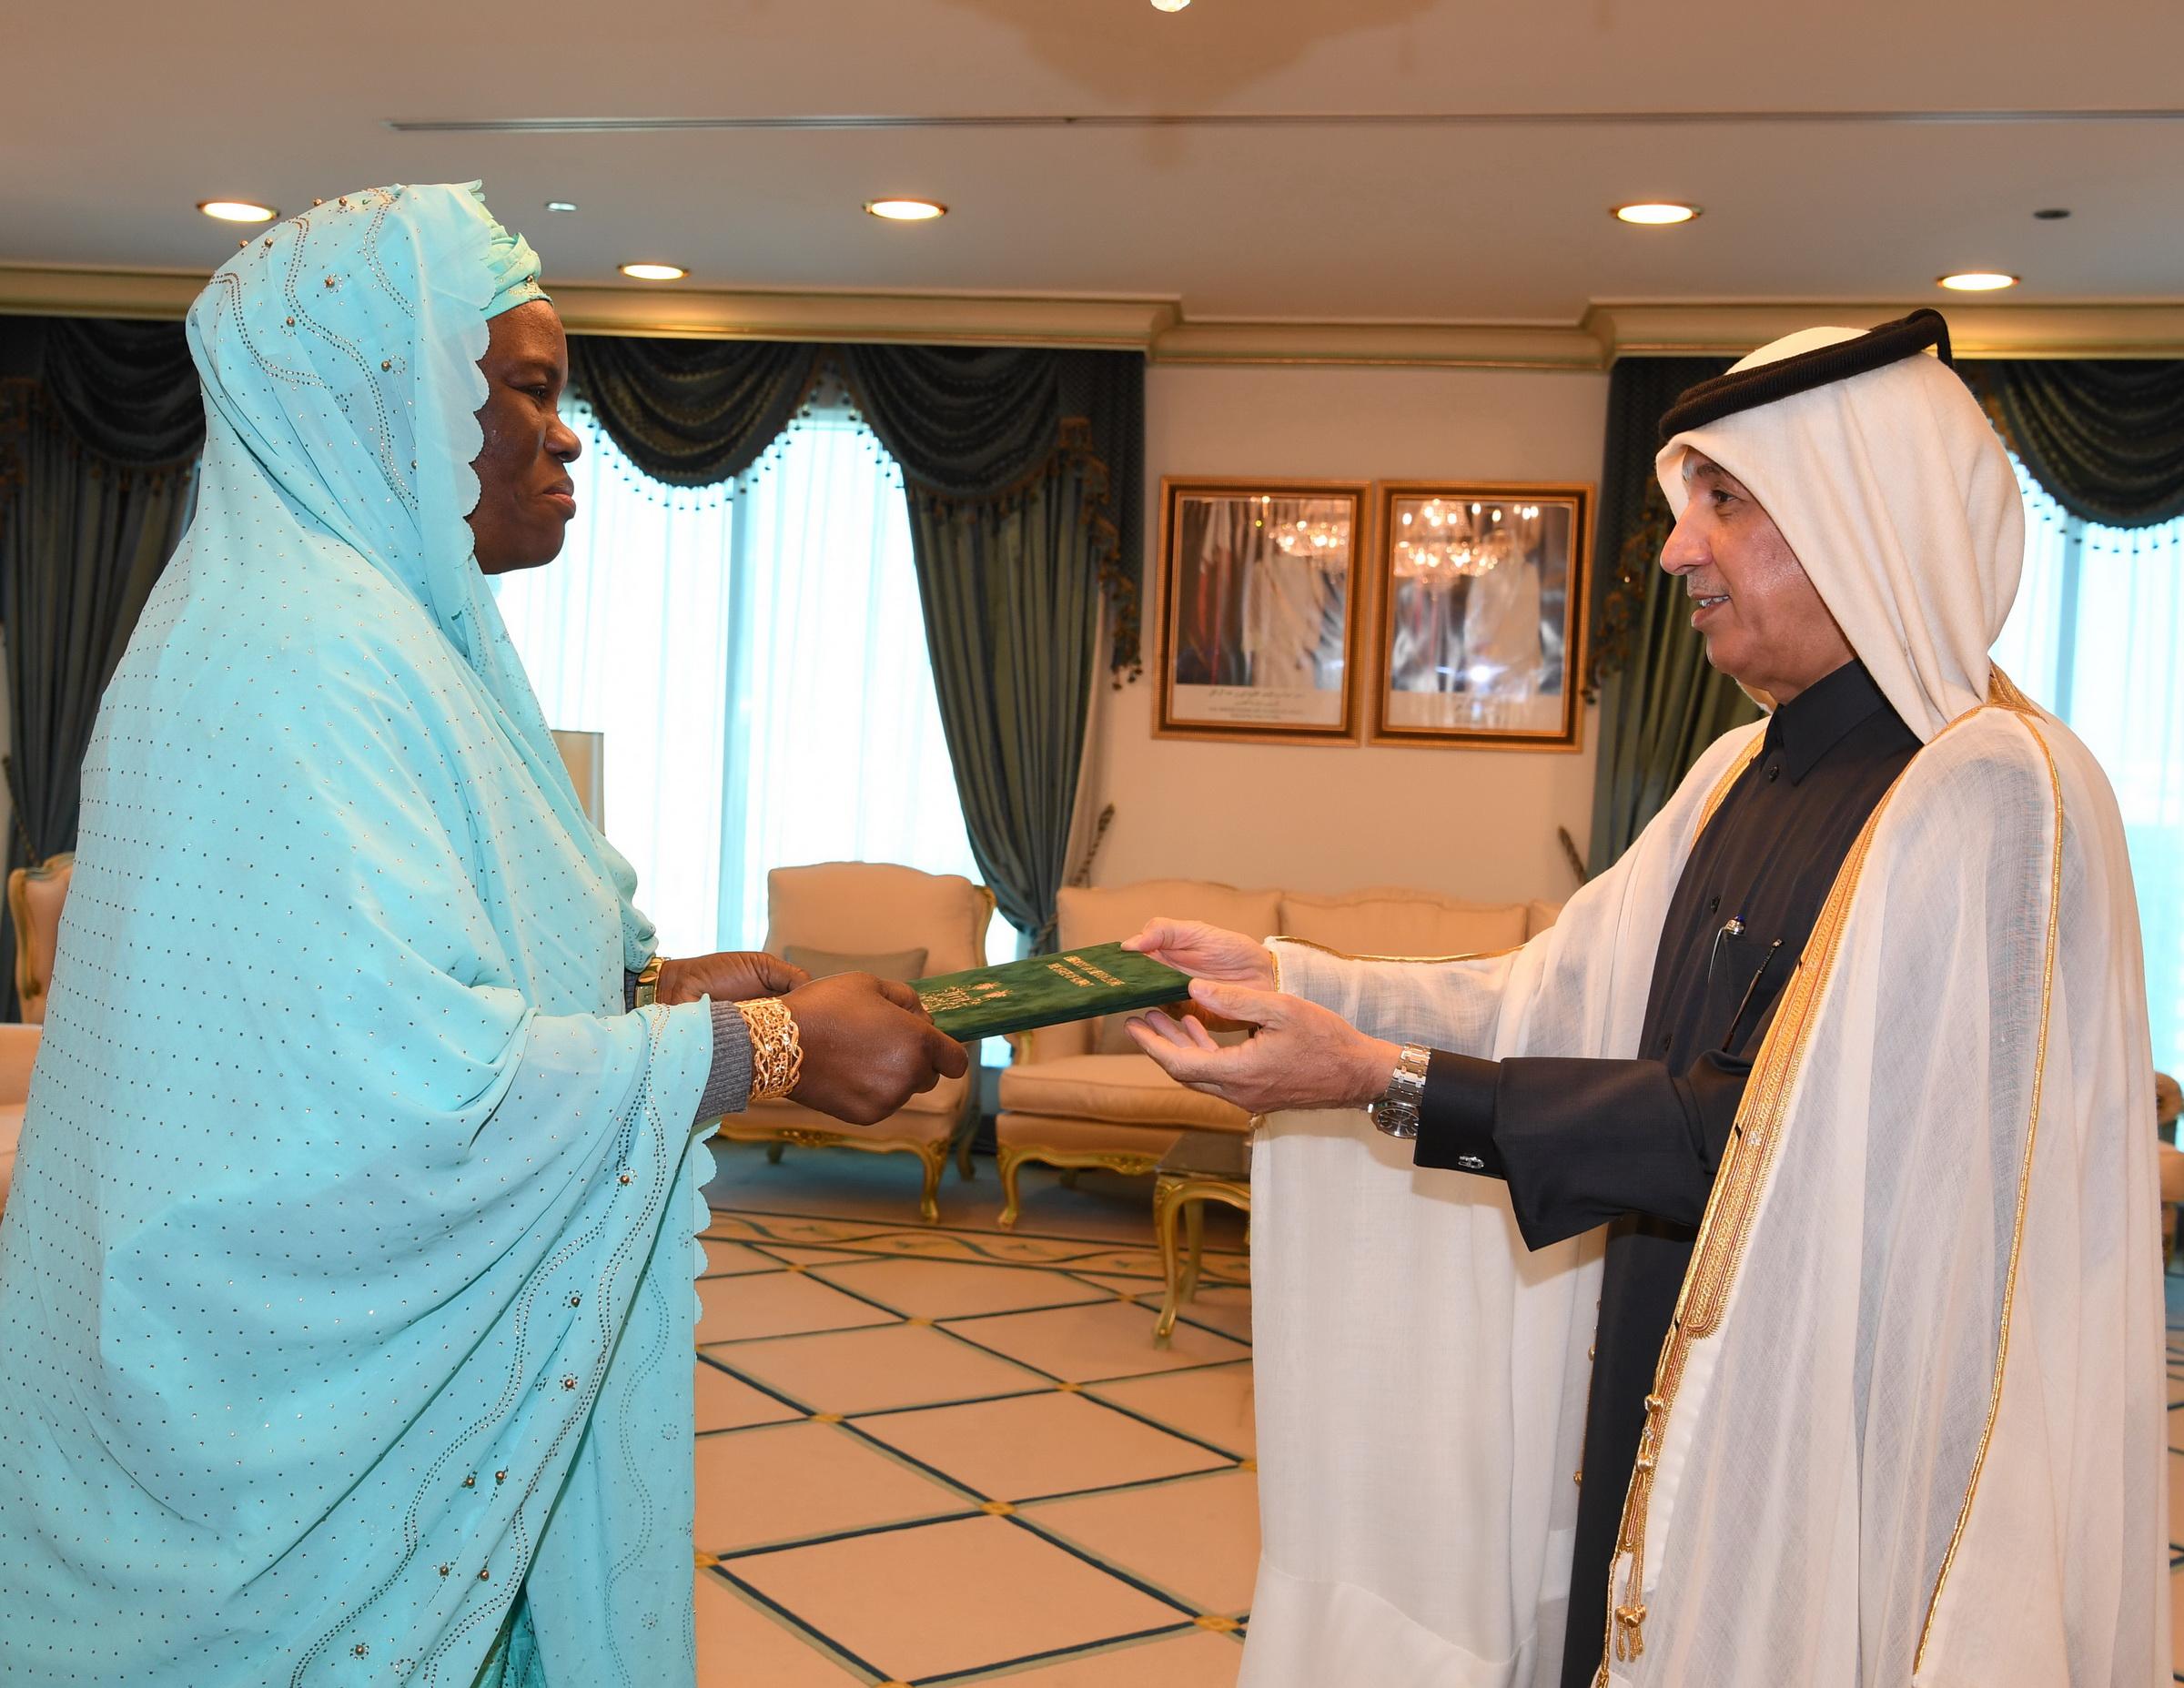 وزير الدولة للشؤون الخارجية يتسلم نسخة من أوراق اعتماد سفيرة جمهورية سيراليون